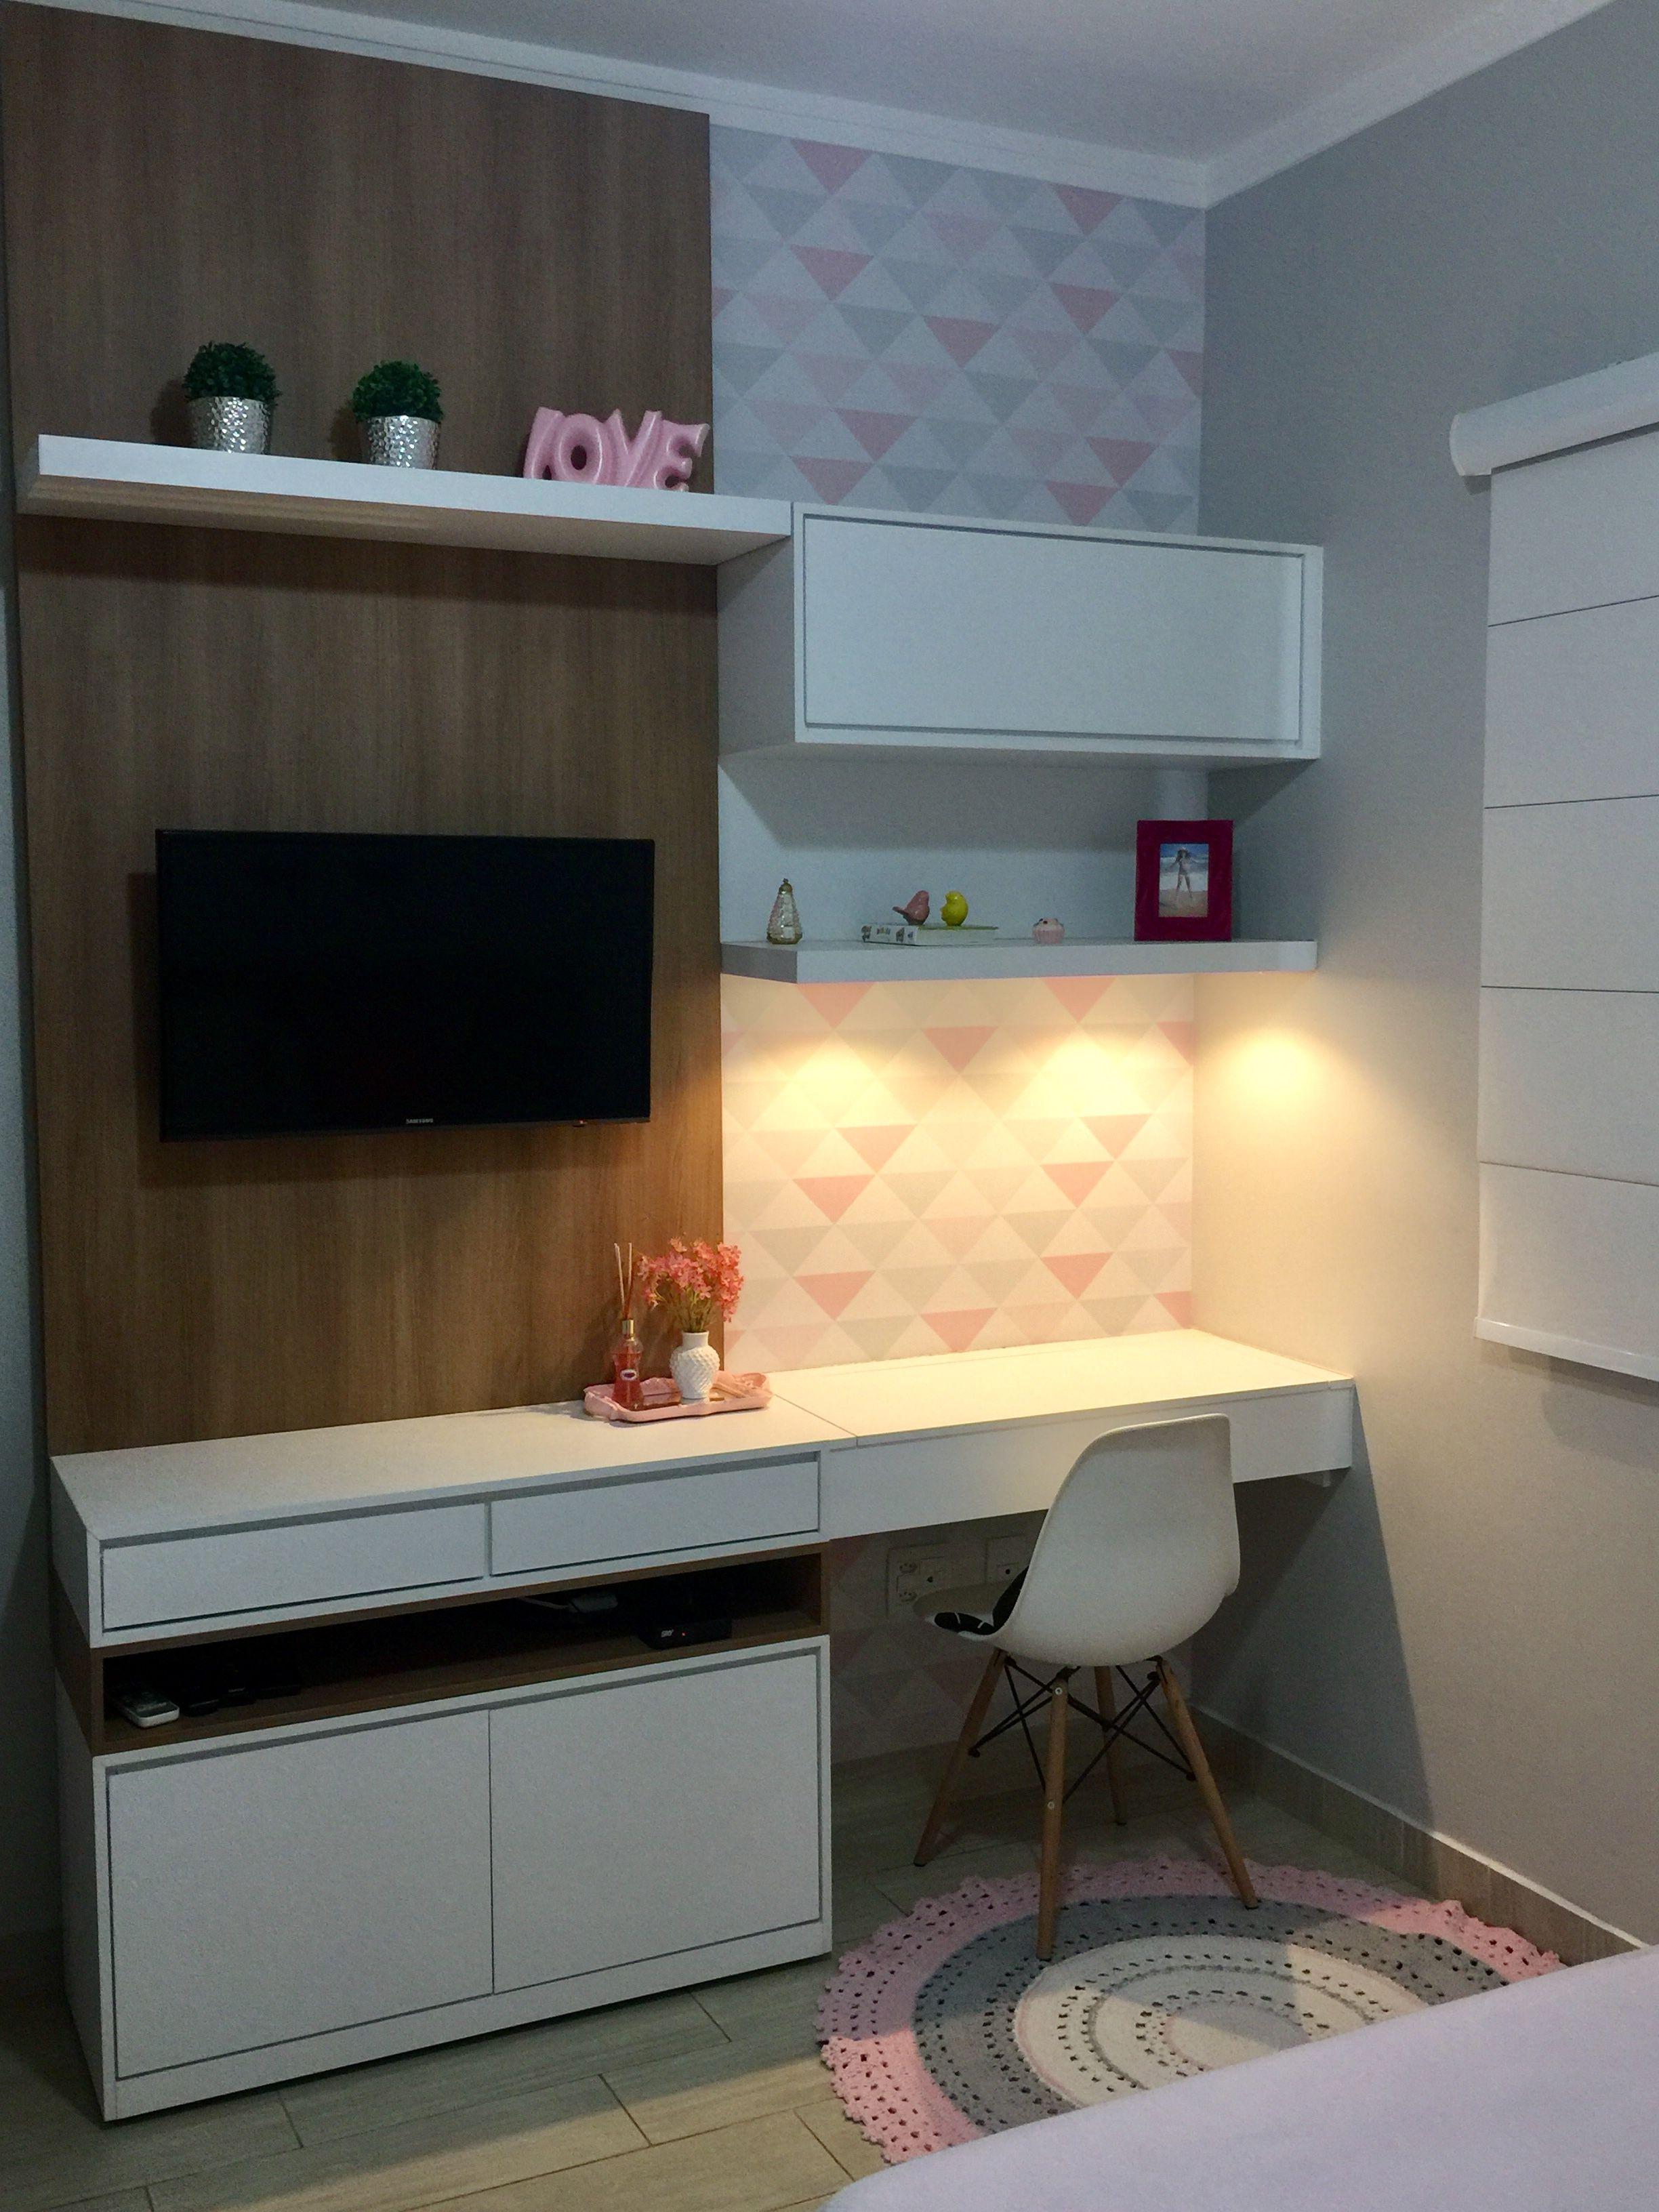 Pin von Gv auf Меблі | Pinterest | Jugendzimmer, Flurgarderobe und Büros